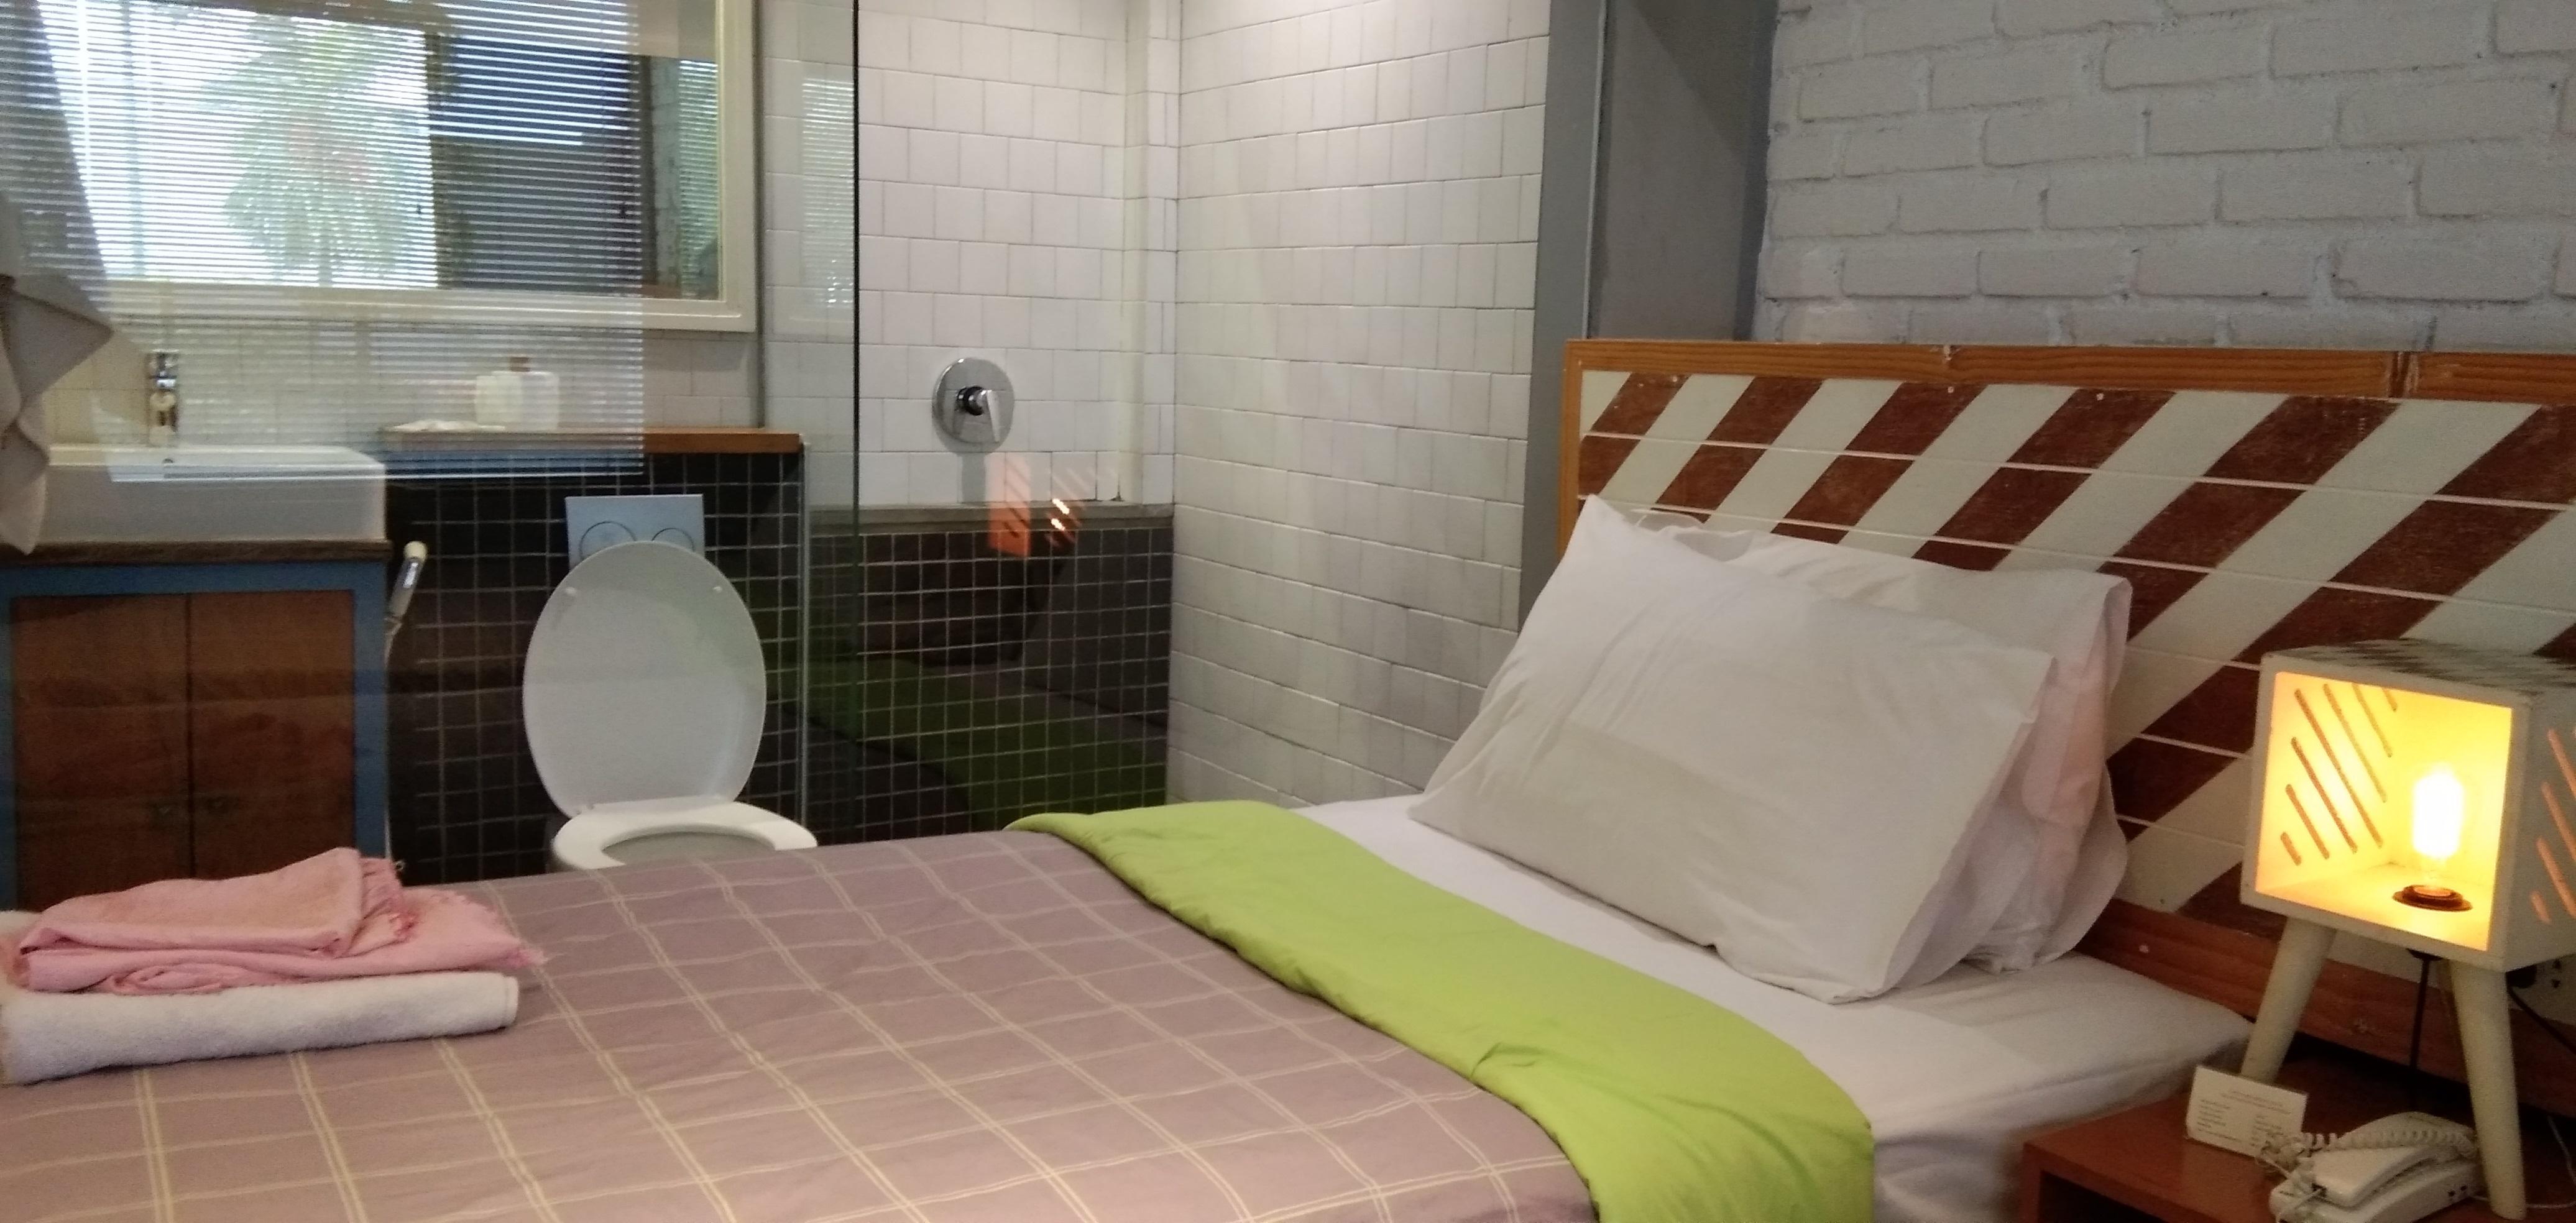 summerbird hotel instagramable di bandung